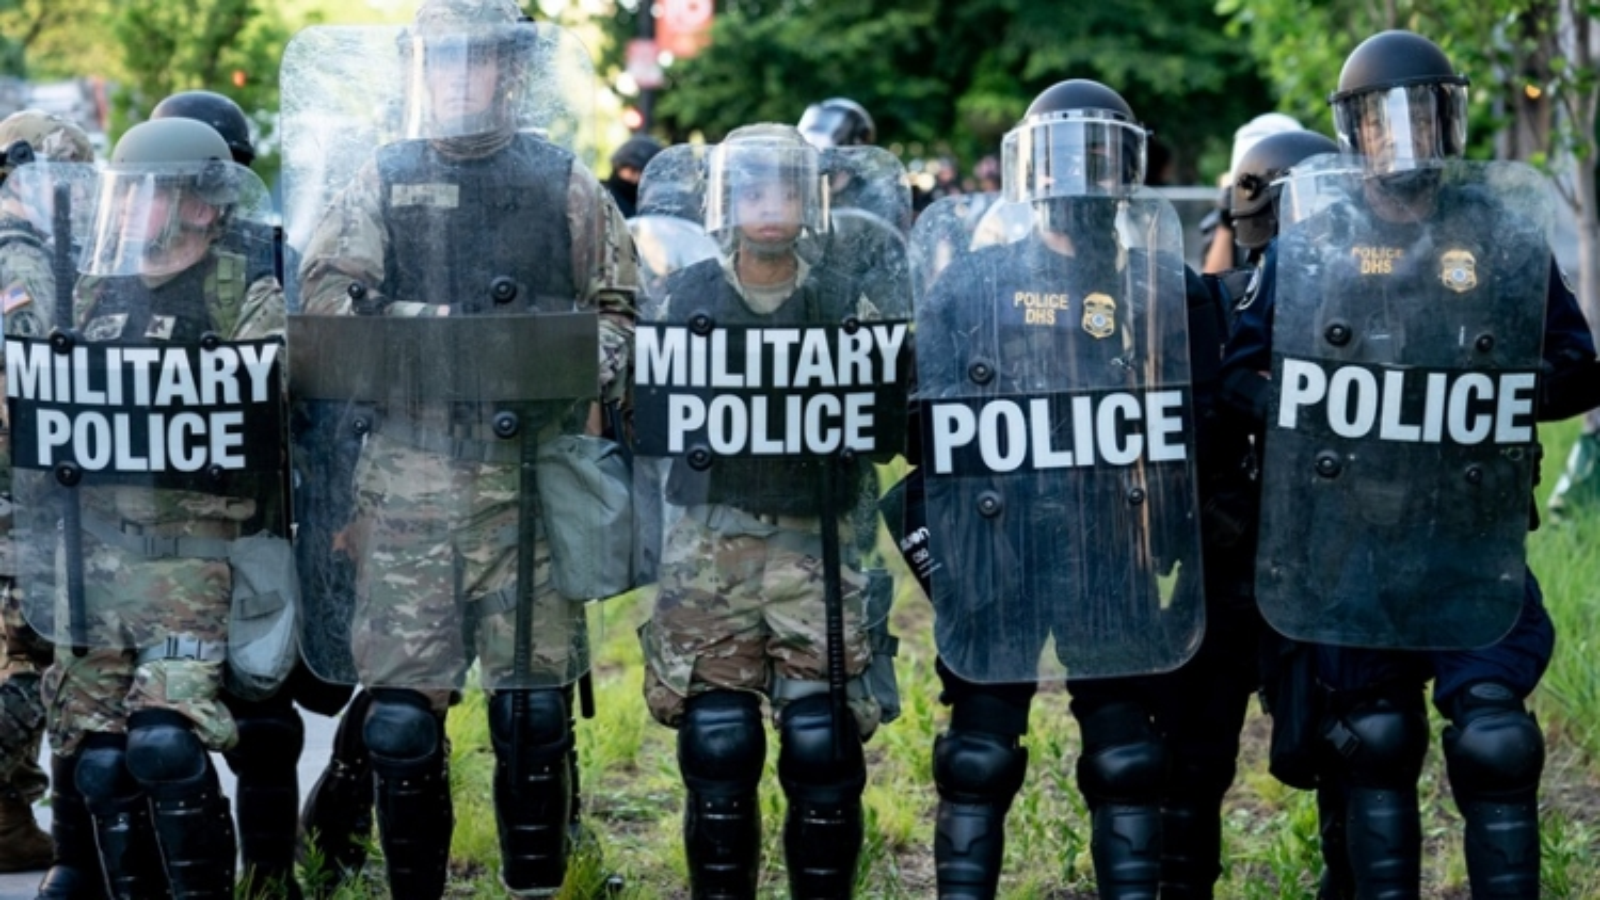 Thủ đô Washington (Mỹ) chuẩn bị đối mặt với cuộc biểu tình lớn nhất